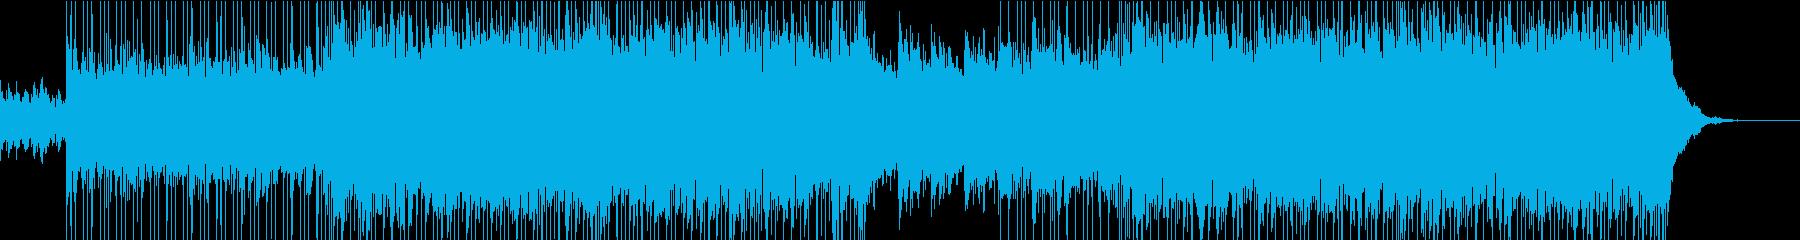 ポップ テクノ ロック カントリー...の再生済みの波形